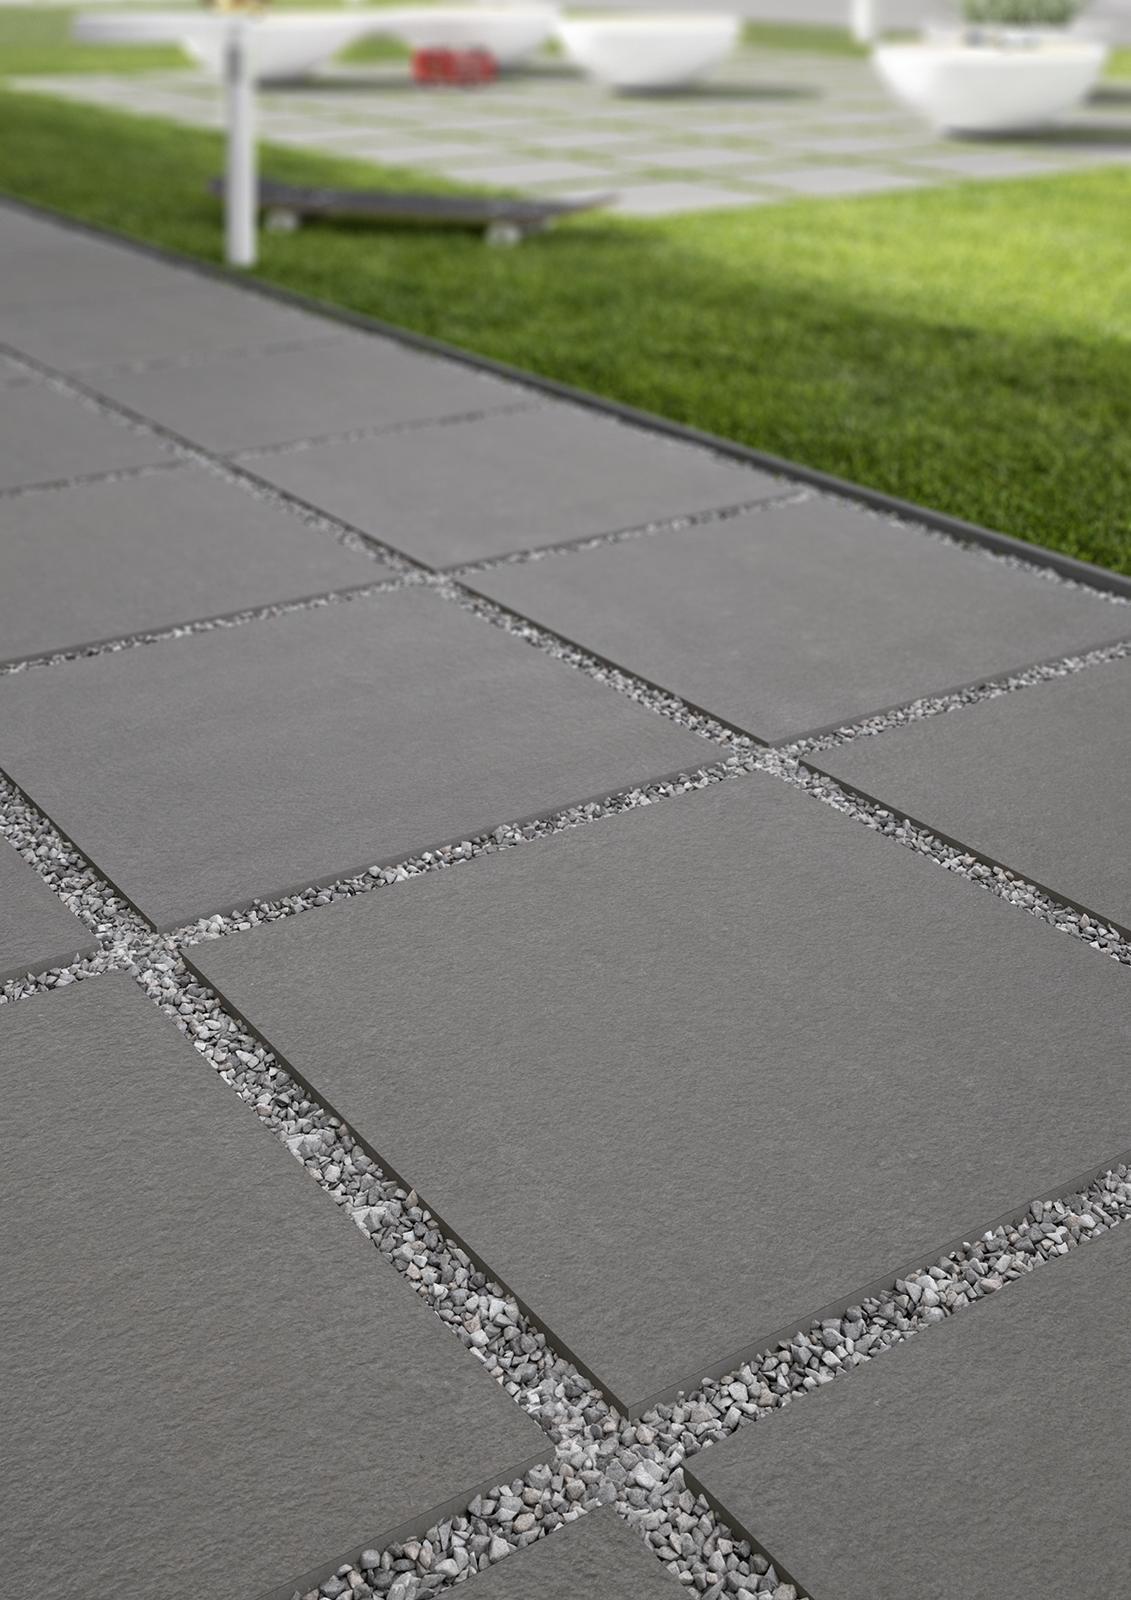 Sistemn20 pavimentazione per esterno marazzi - Piastrelle in cemento per esterno carrabili ...